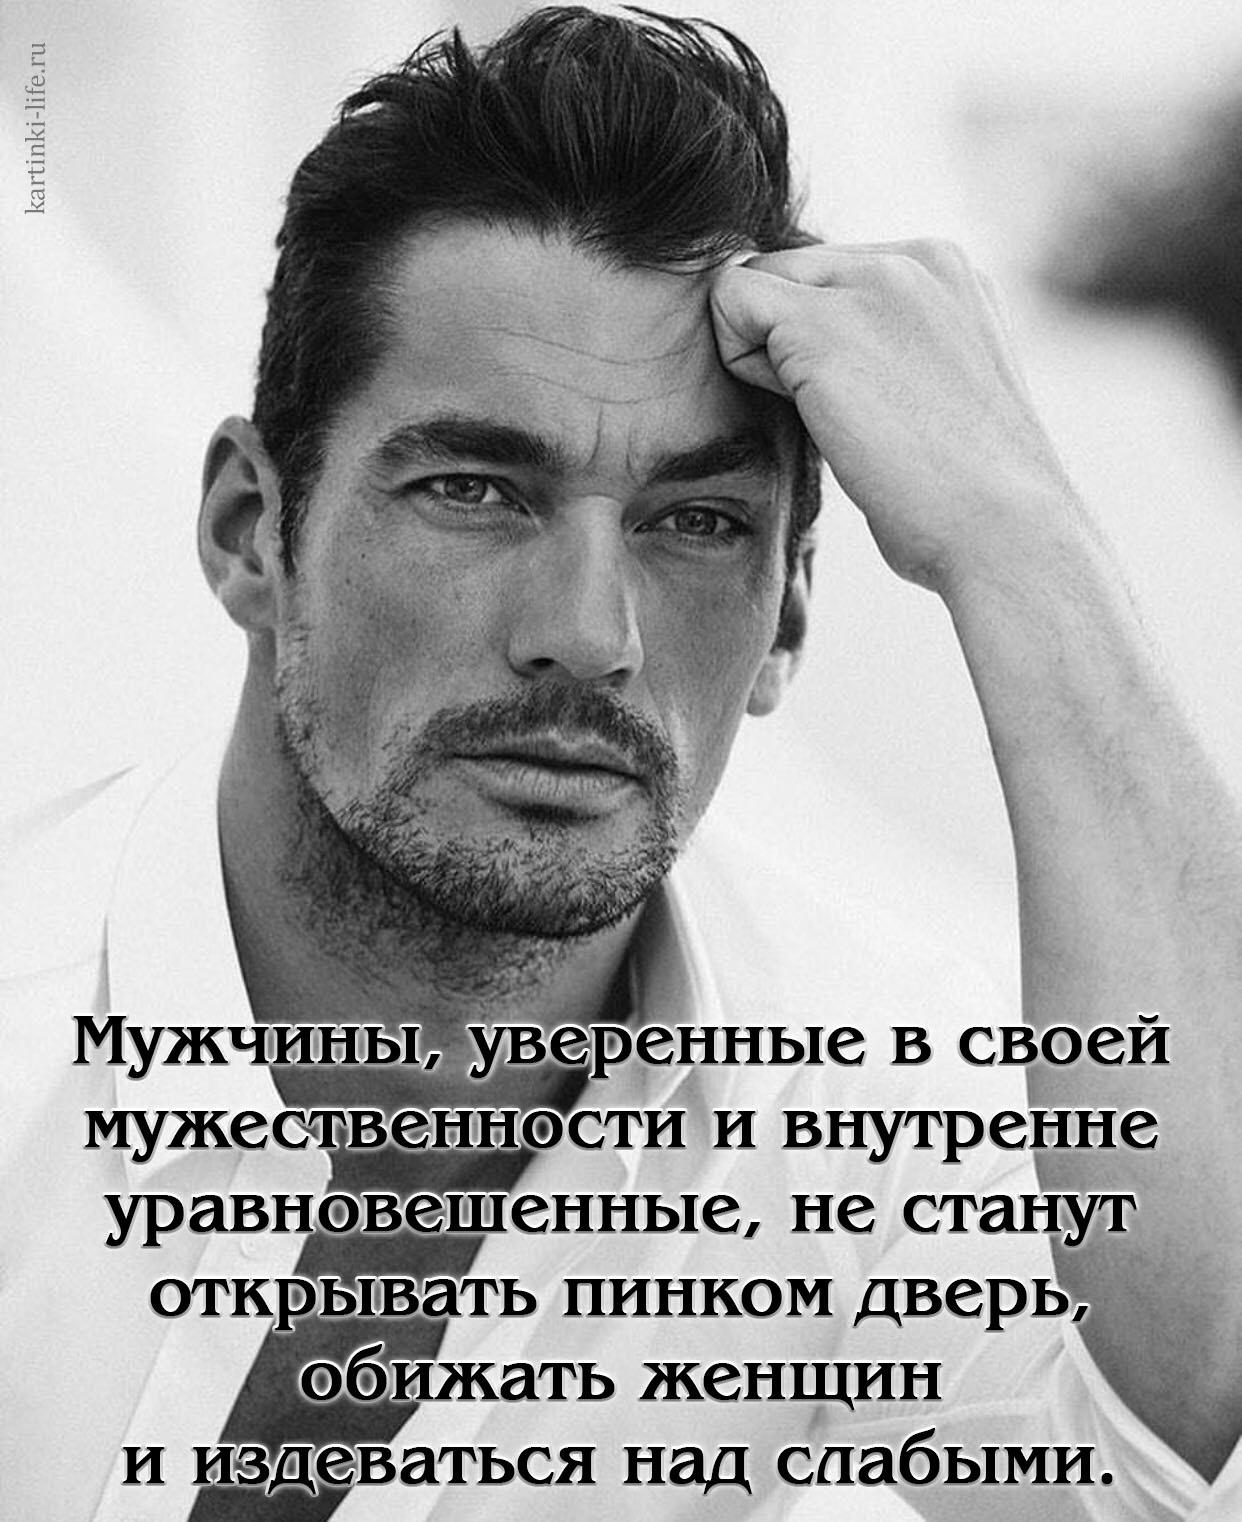 Мужчины, уверенные в своей мужественности и внутренне уравновешенные, не станут открывать пинком дверь, обижать женщин и издеваться над слабыми.